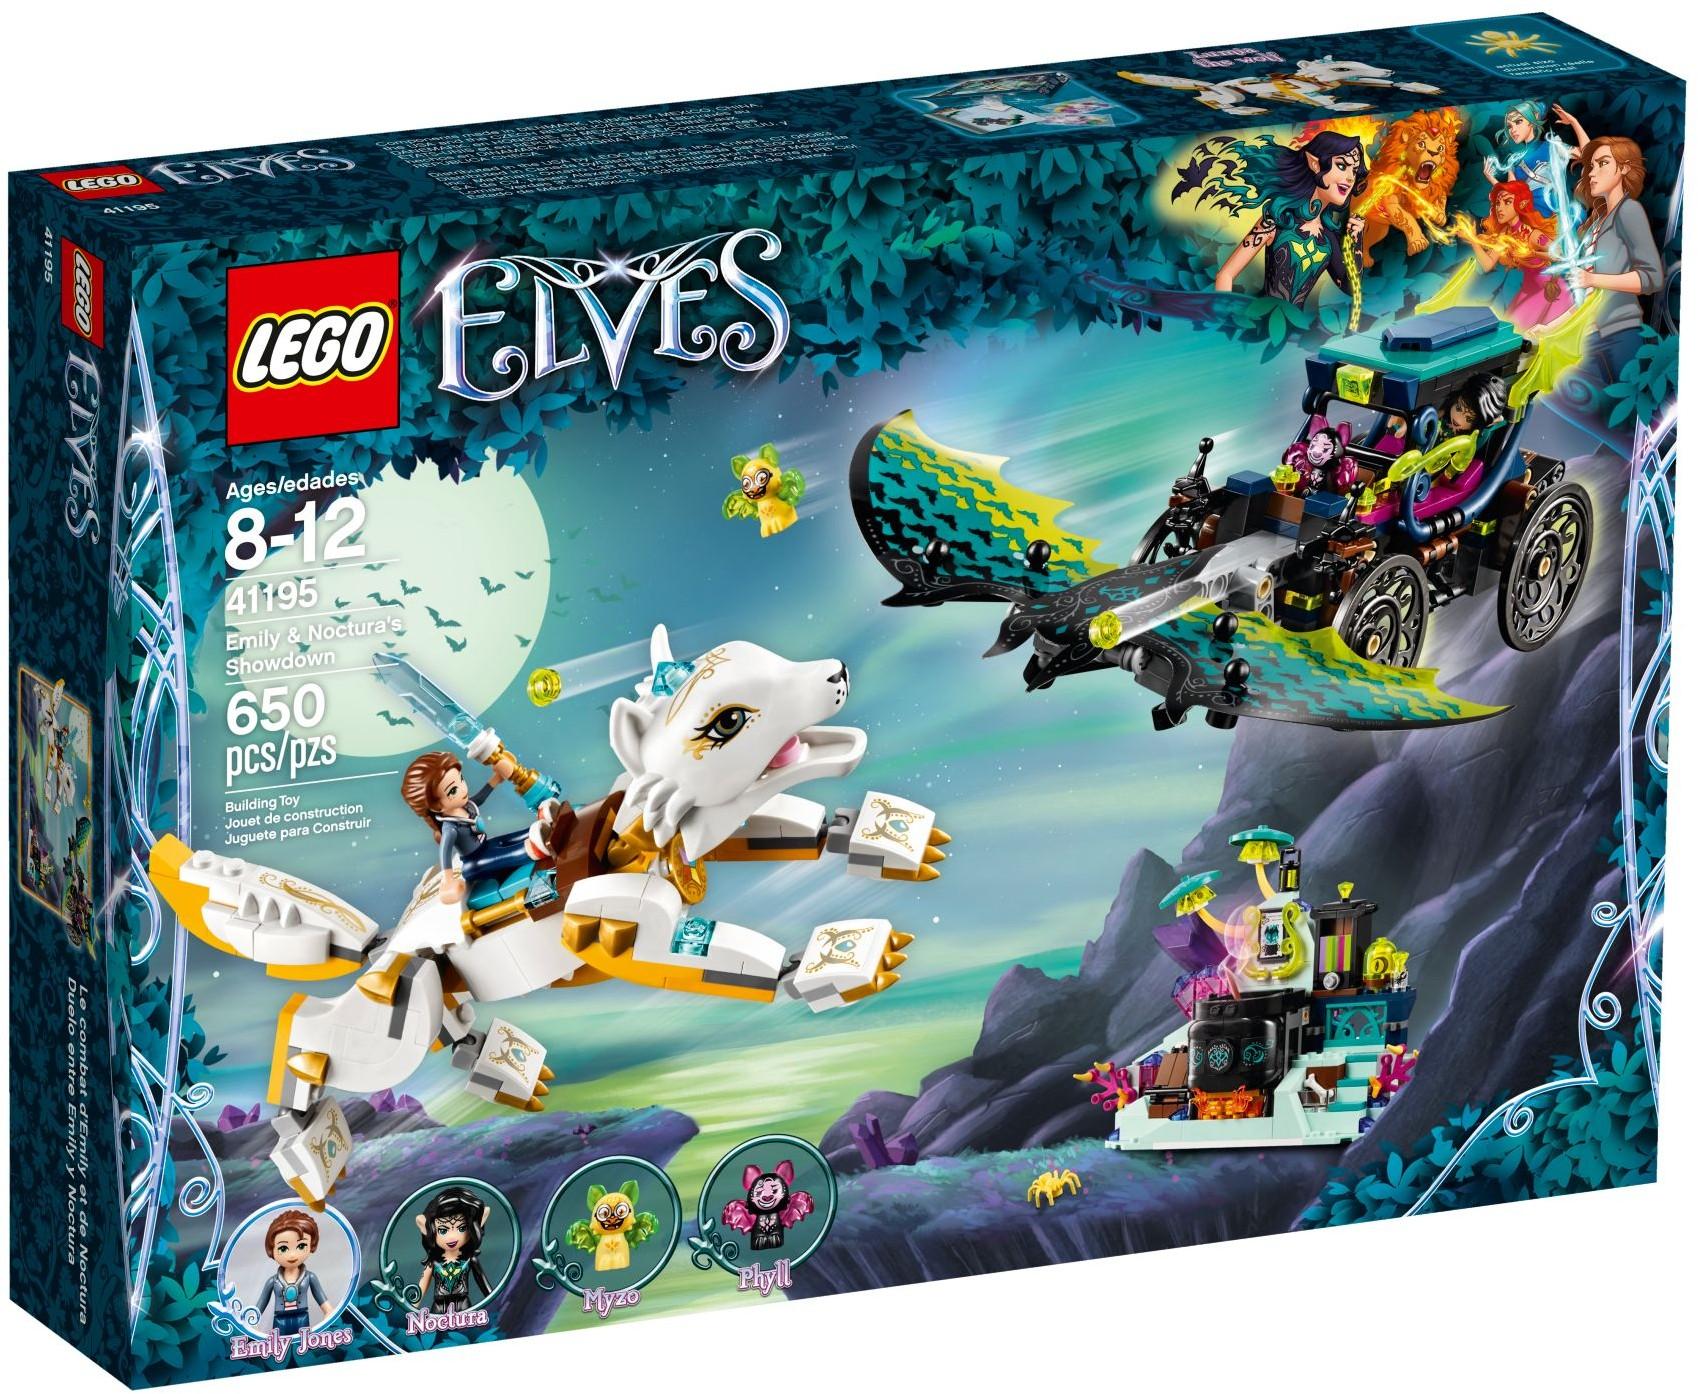 LEGO® 41195 - Emily és Noctura végső leszámolása